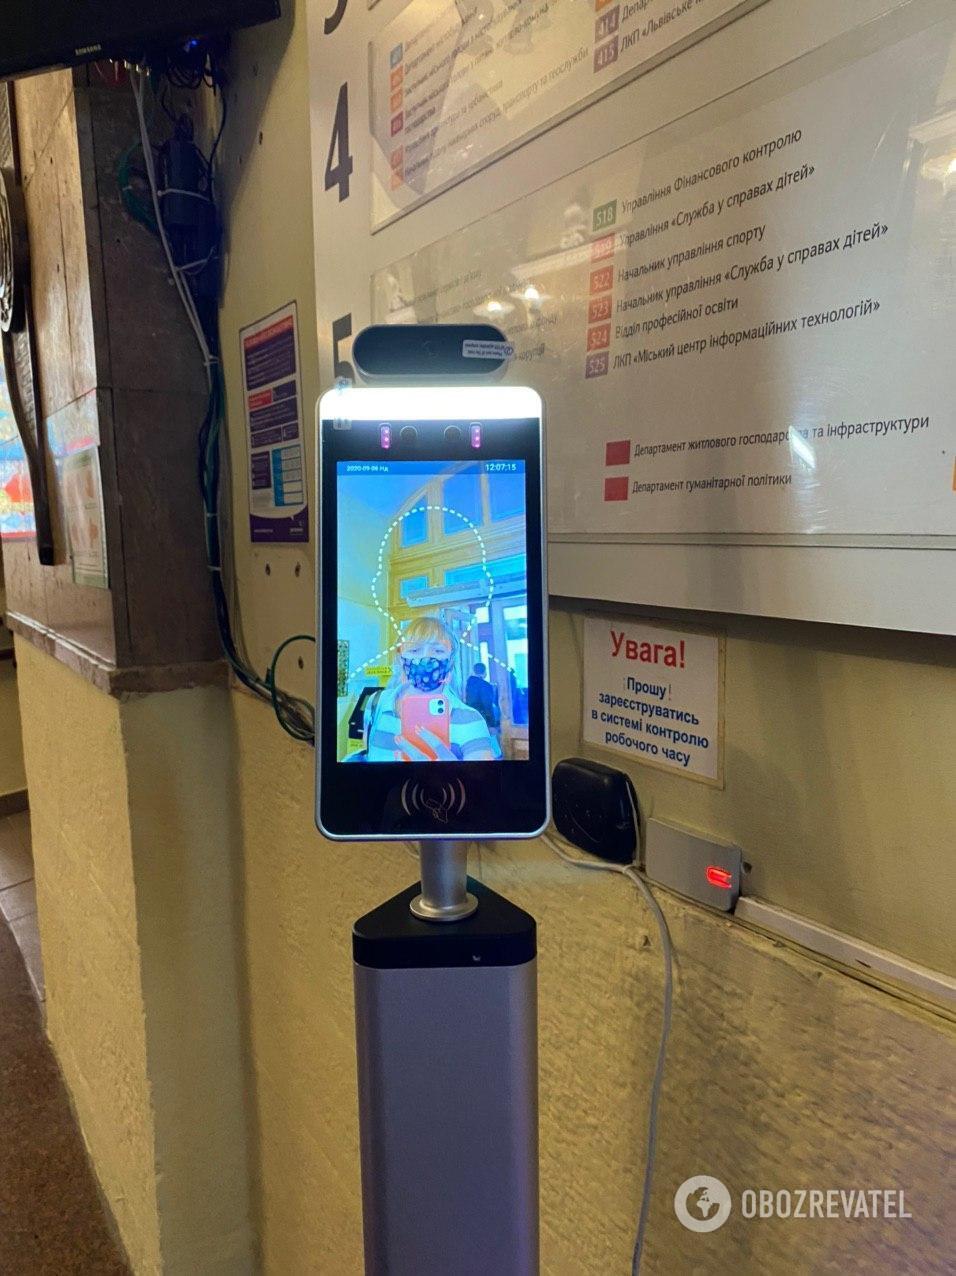 Прилад для вимірювання температури в львівській мерії.